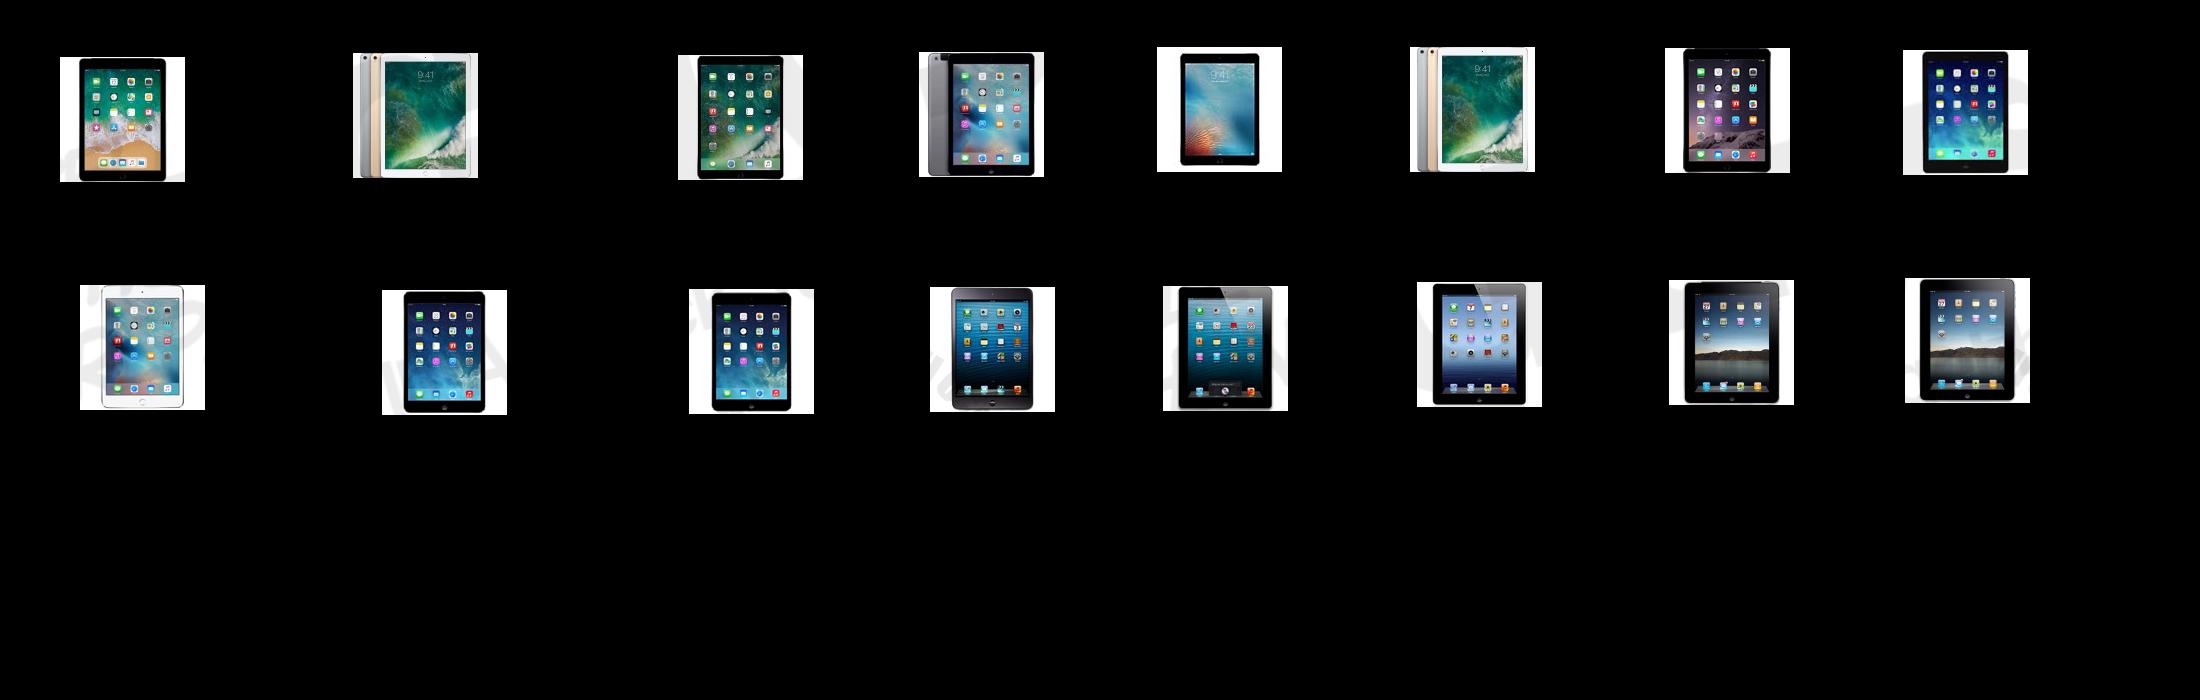 ipad screen repair frisco